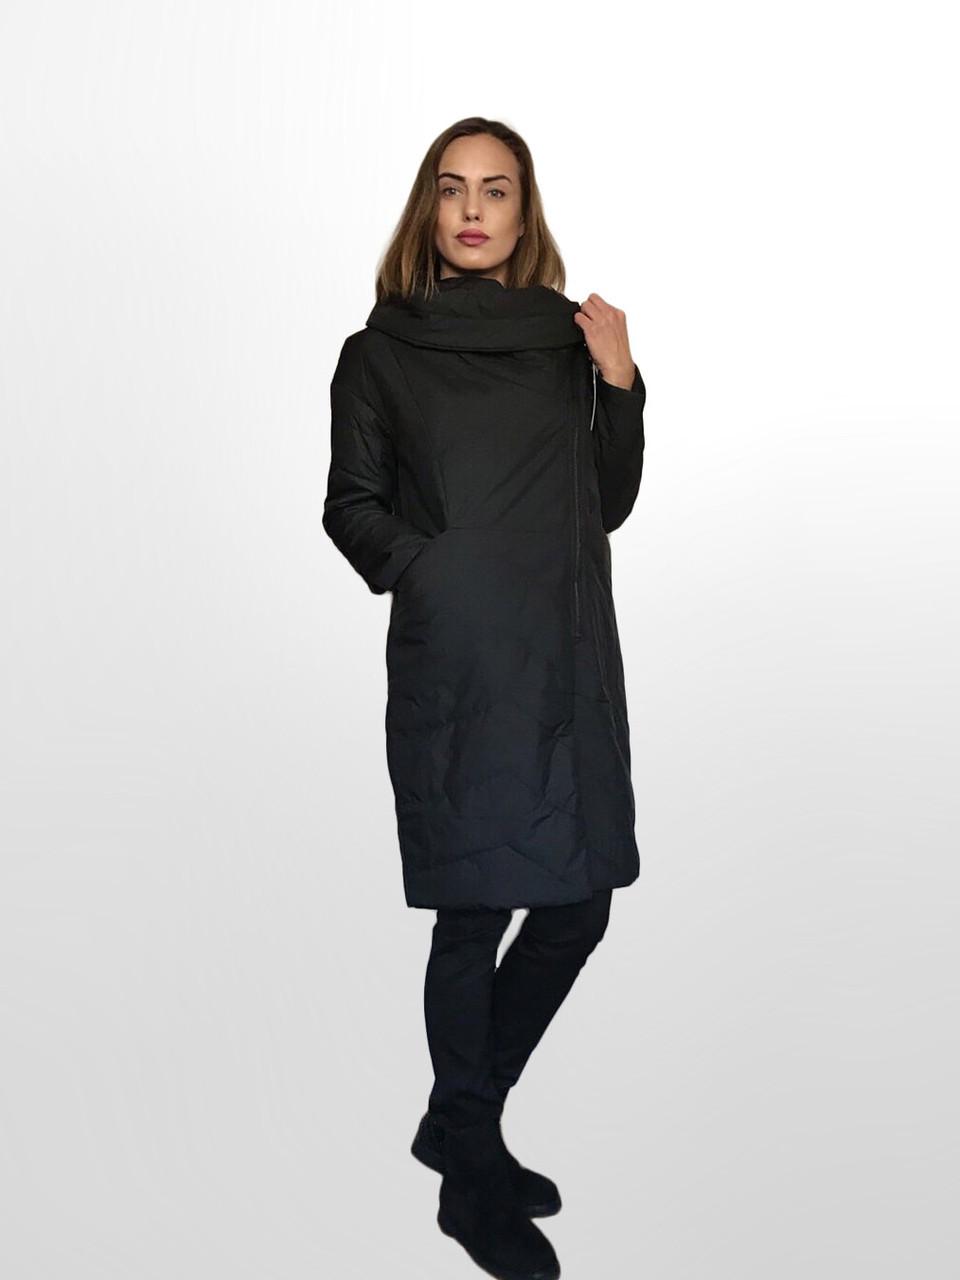 ТРЕНД - Дизайнерское Фабричное Пальто-плащ TONGCOI. Гарантия высокого качества и стиля! Р-ры 42-58